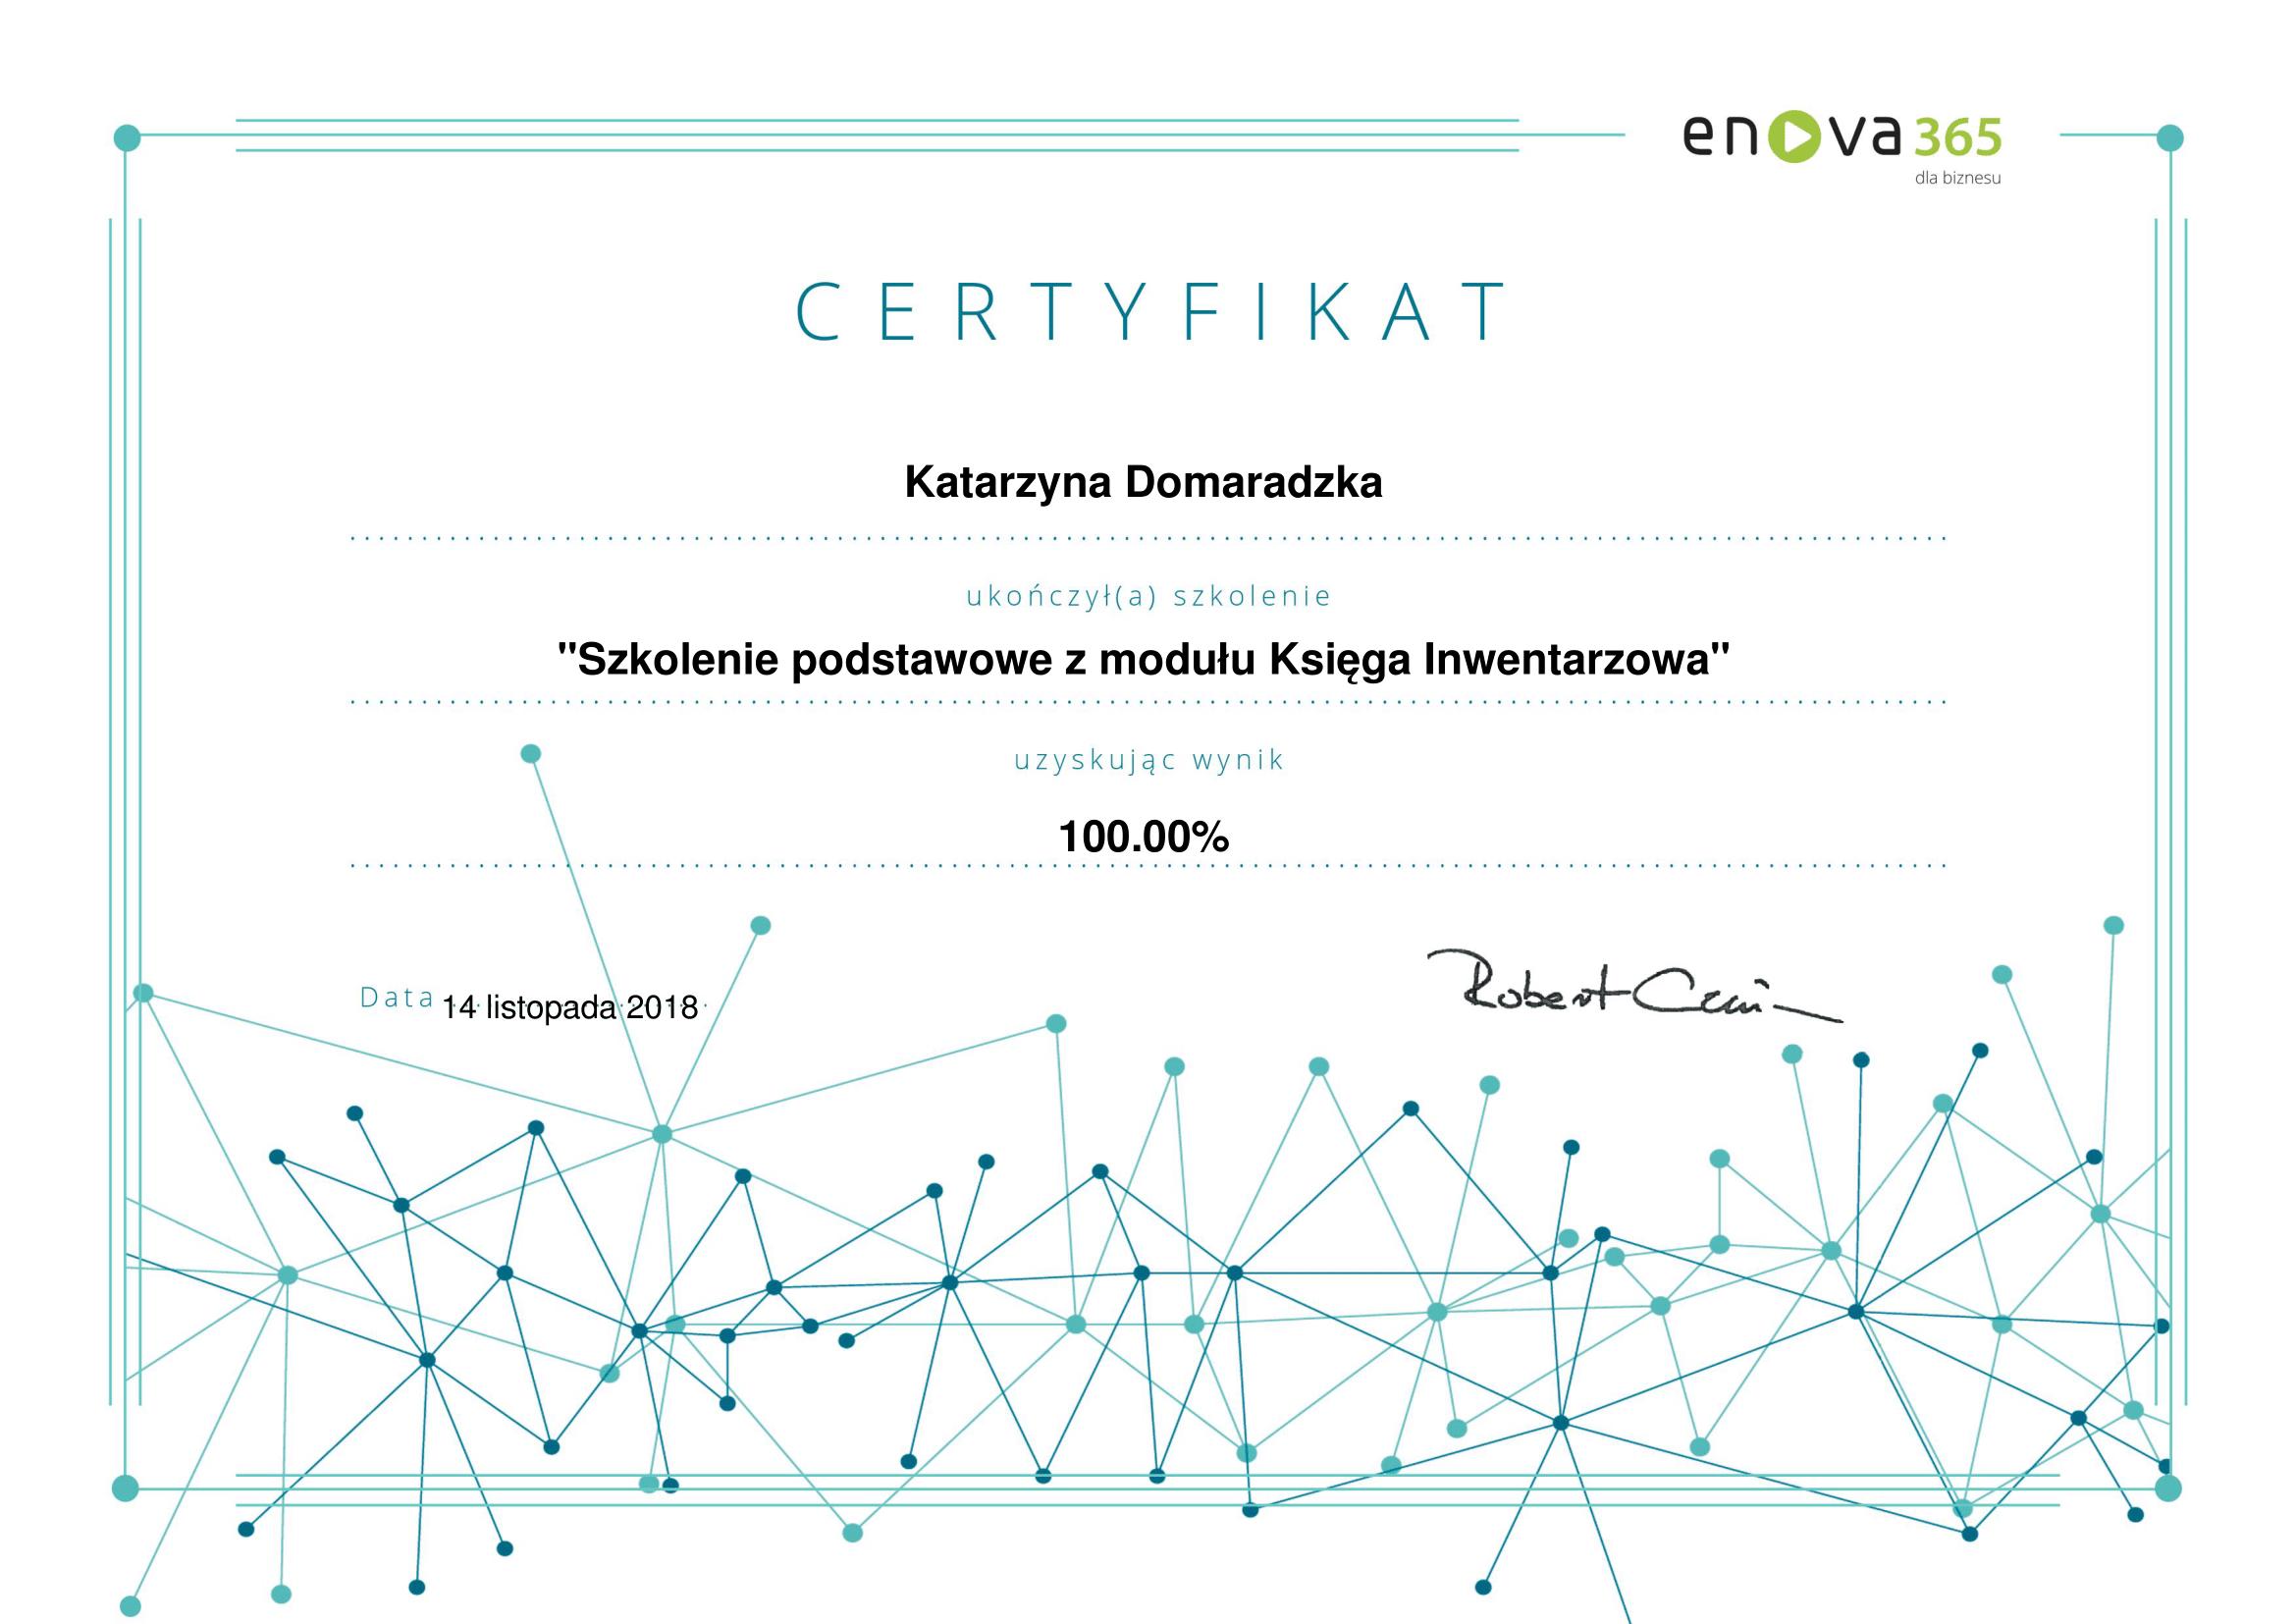 enova365_Certyfikat_podstawowy_Księga_Inwentarzowa